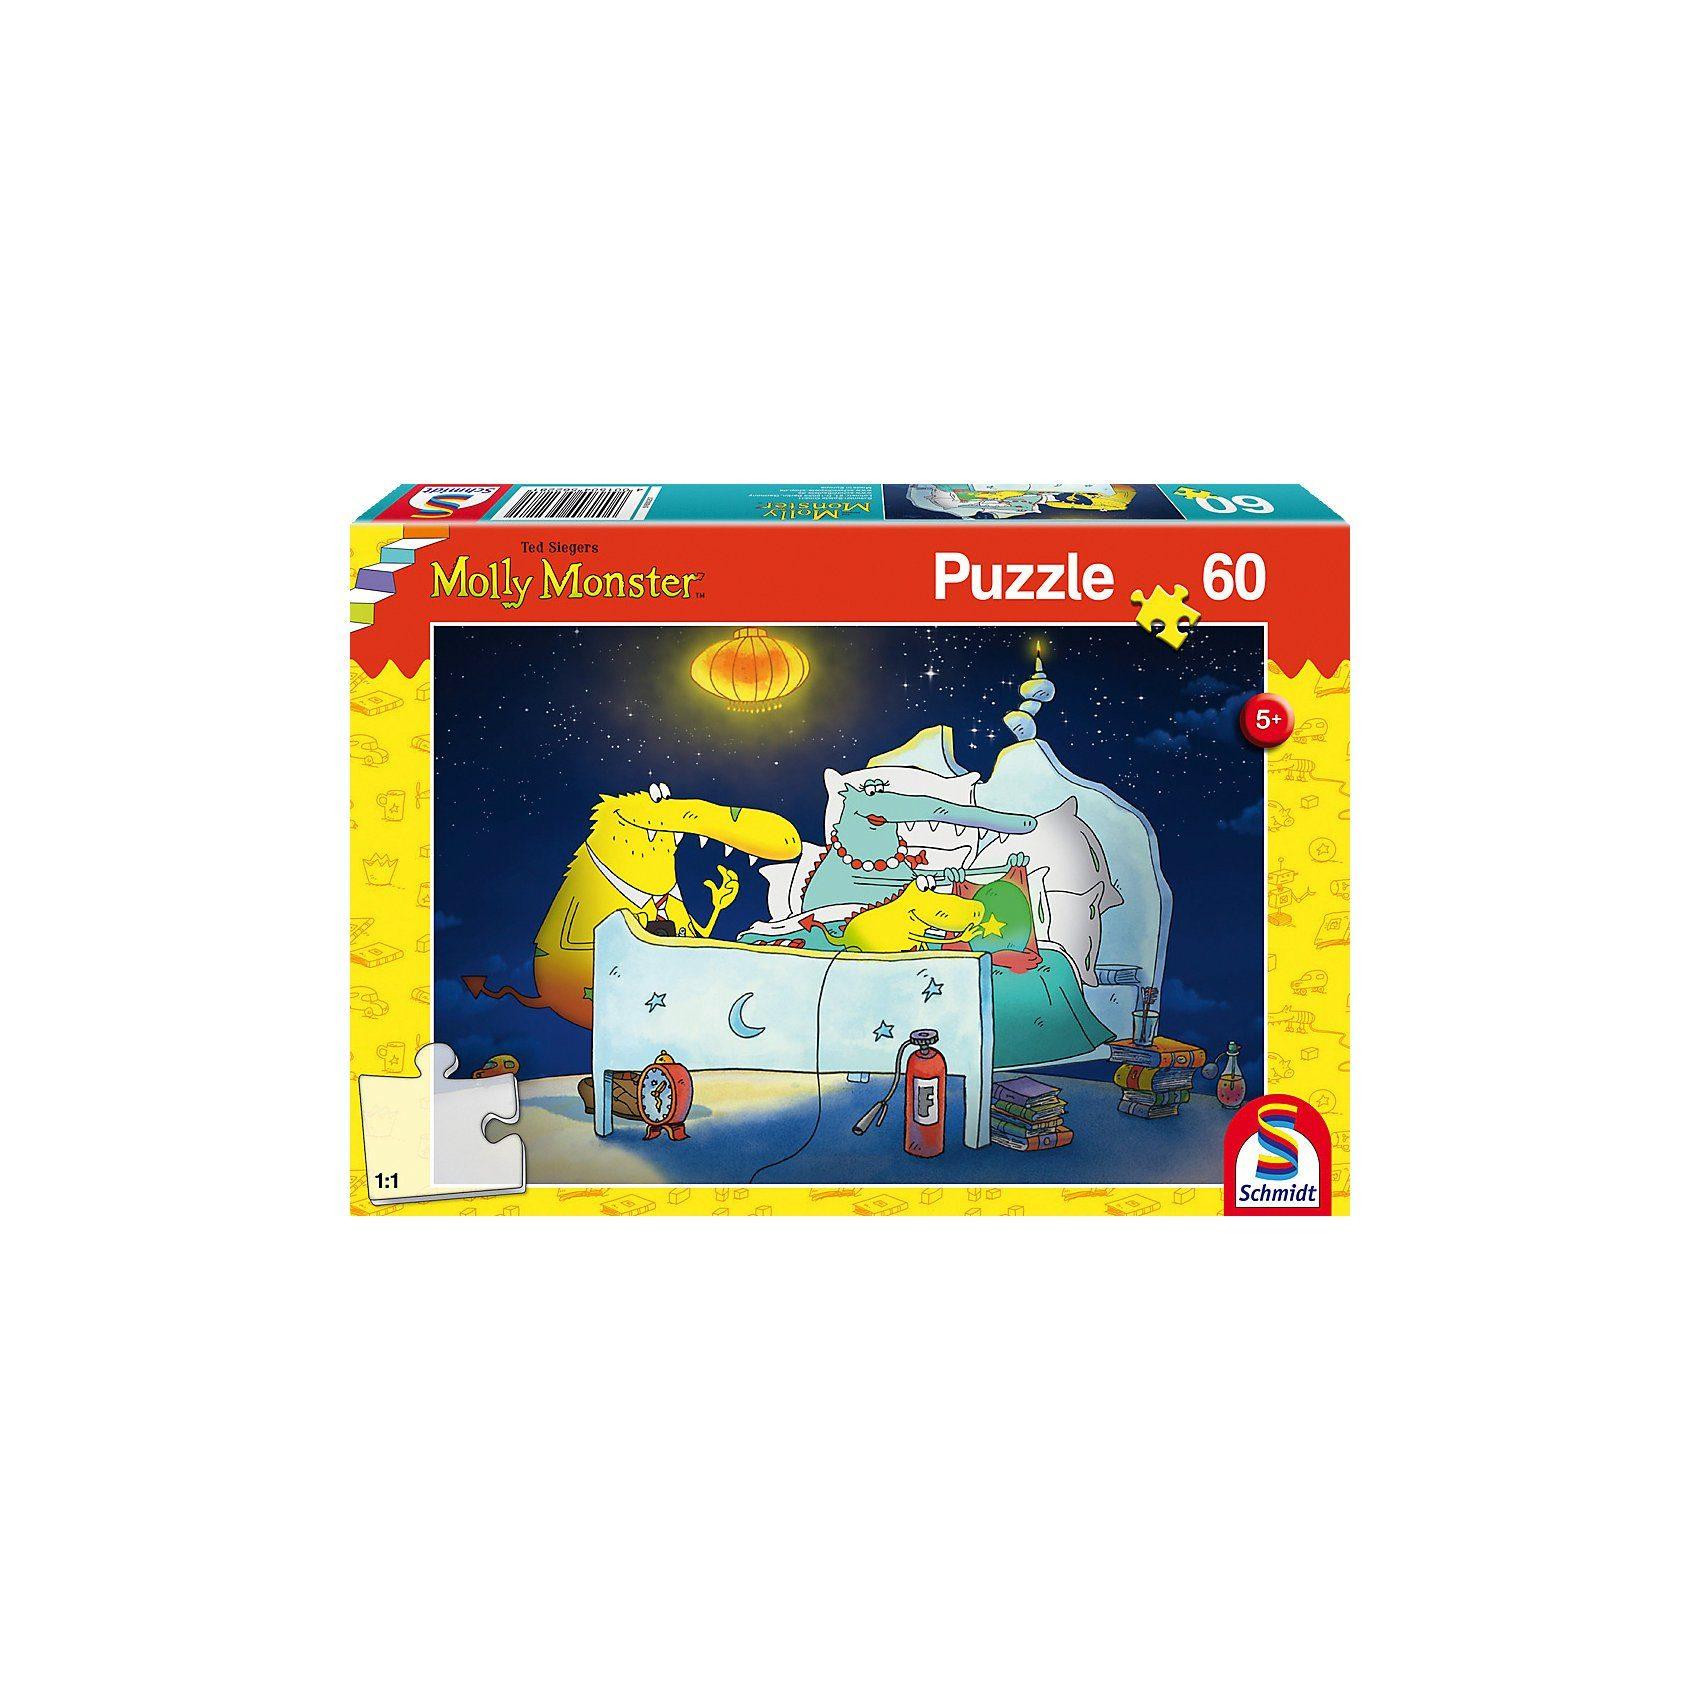 Schmidt Spiele Puzzle 60 Teile Molly Monster bekommt ein Geschwisterchen